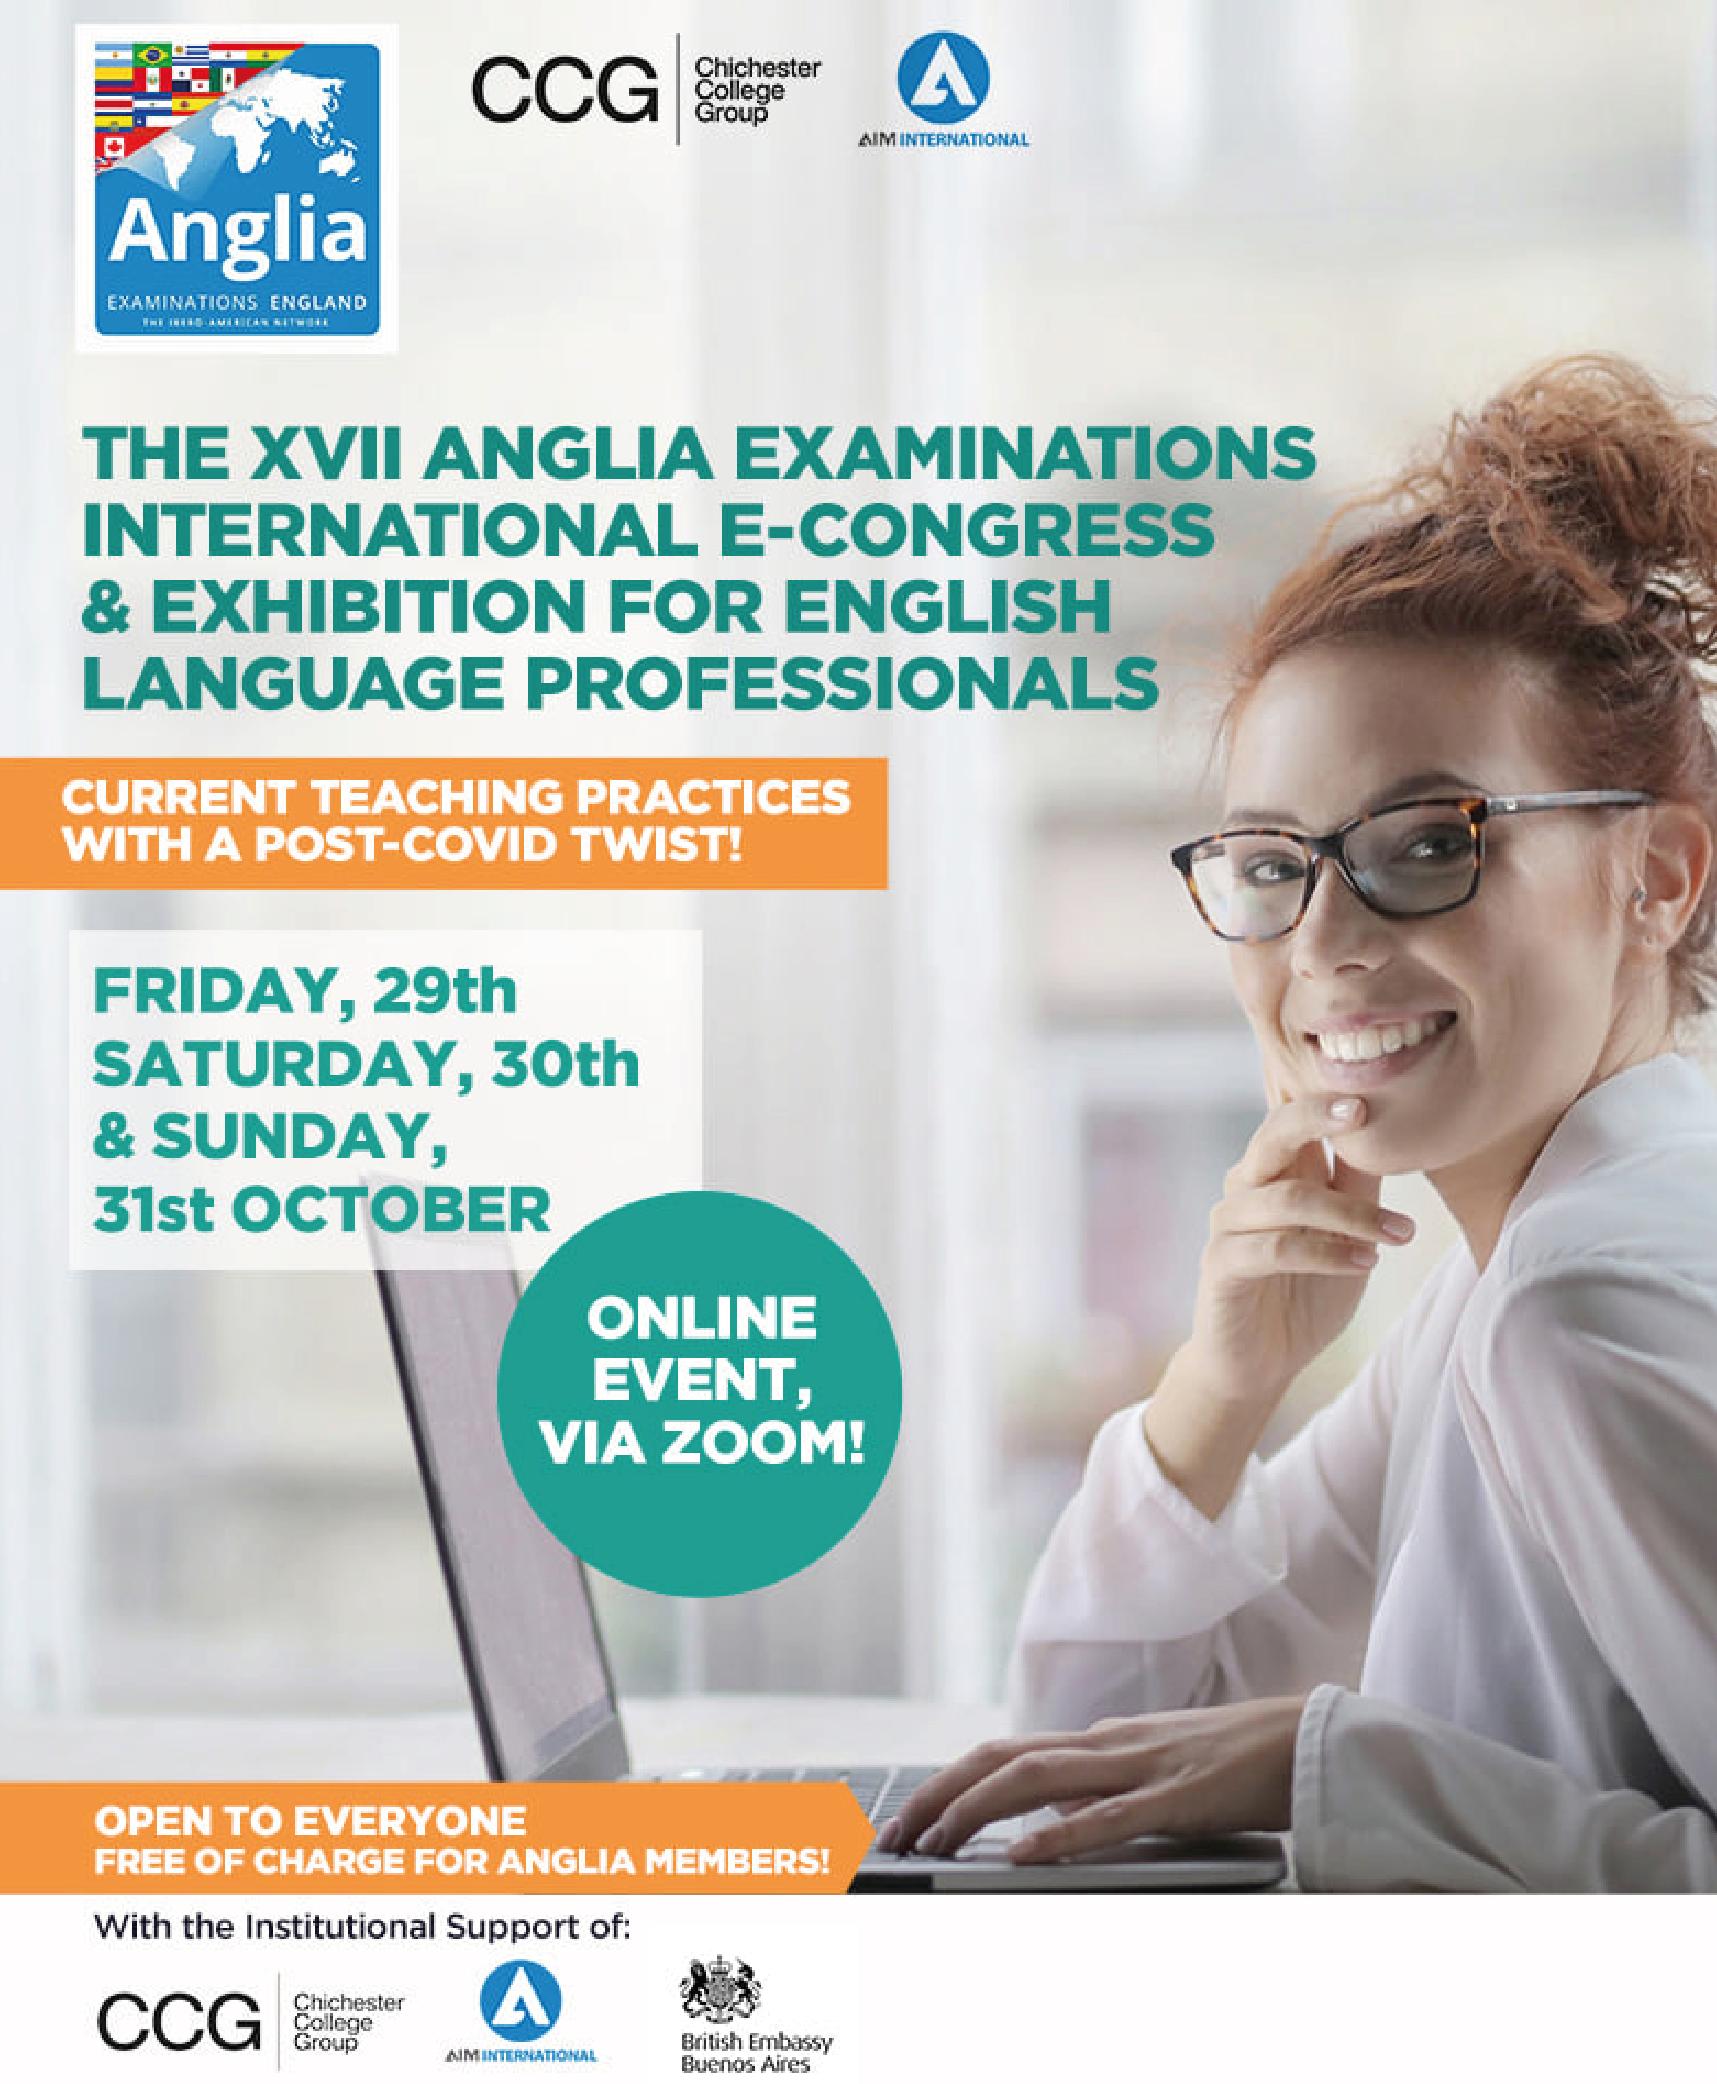 XVII Anglia Examinations International E-Congress